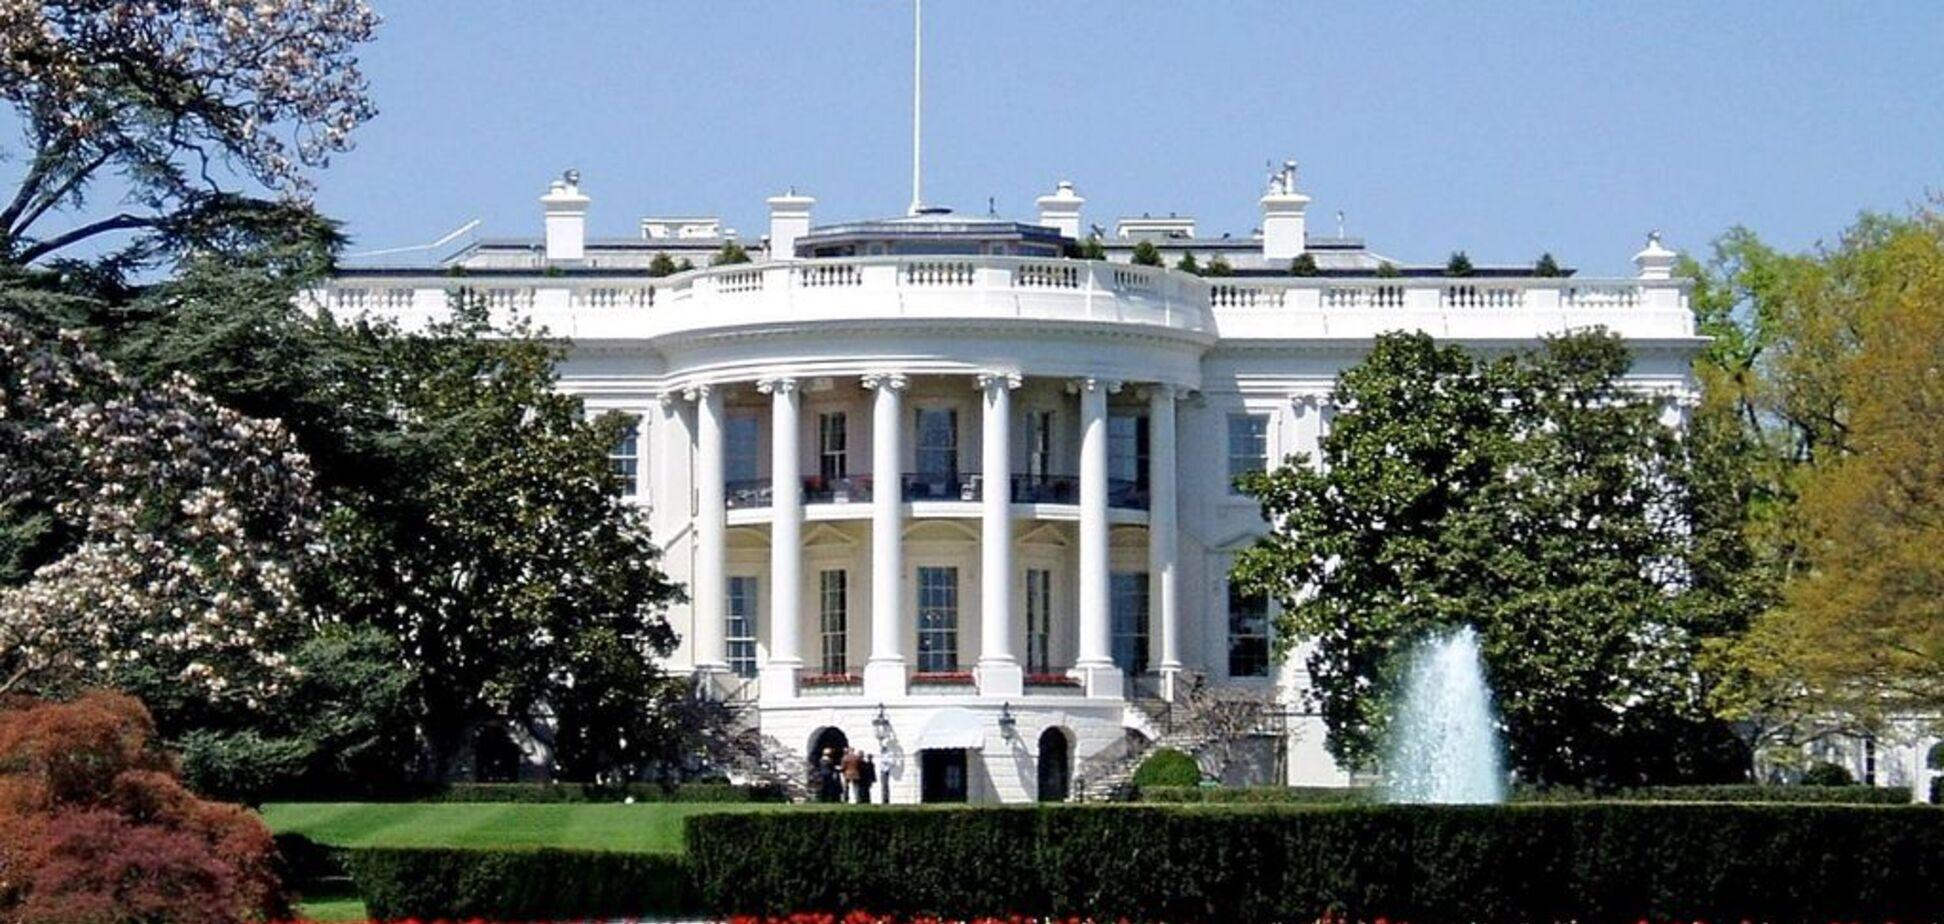 Удар по Европе: в Раде рассказали, как США могут помешать ''Северному потоку-2''